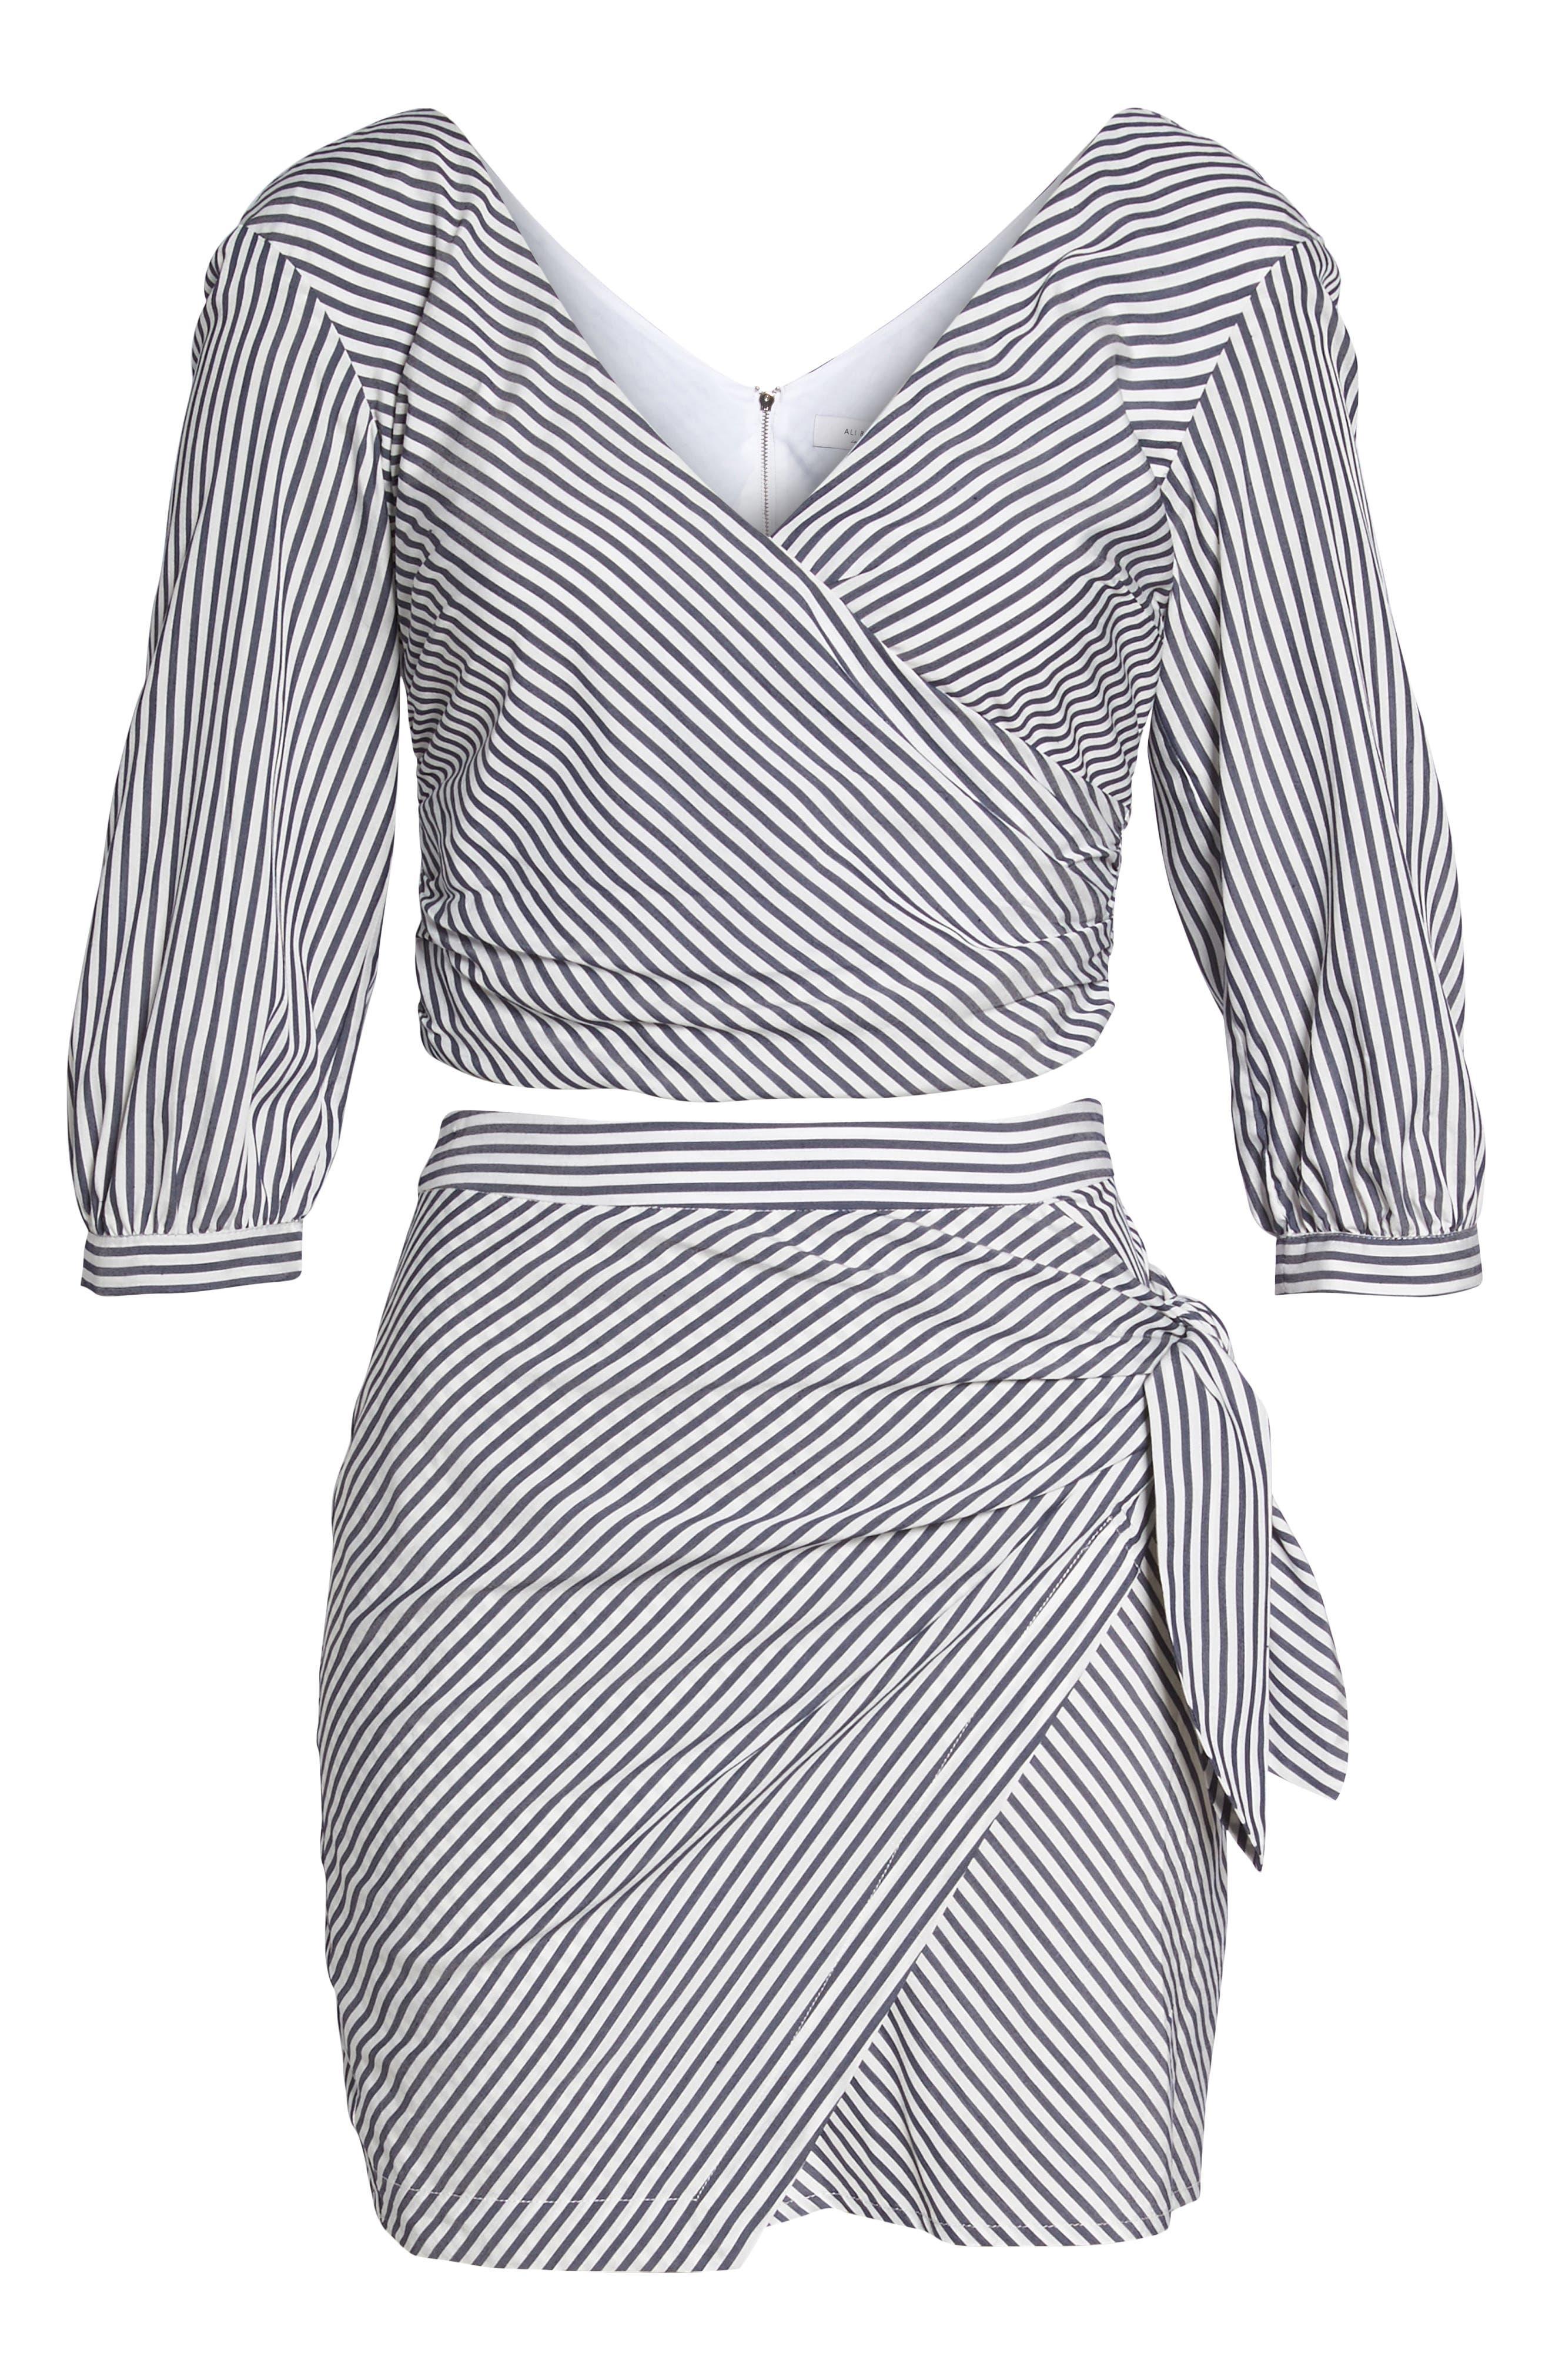 Cocktails Please Stripe Two-Piece Dress,                             Alternate thumbnail 6, color,                             100